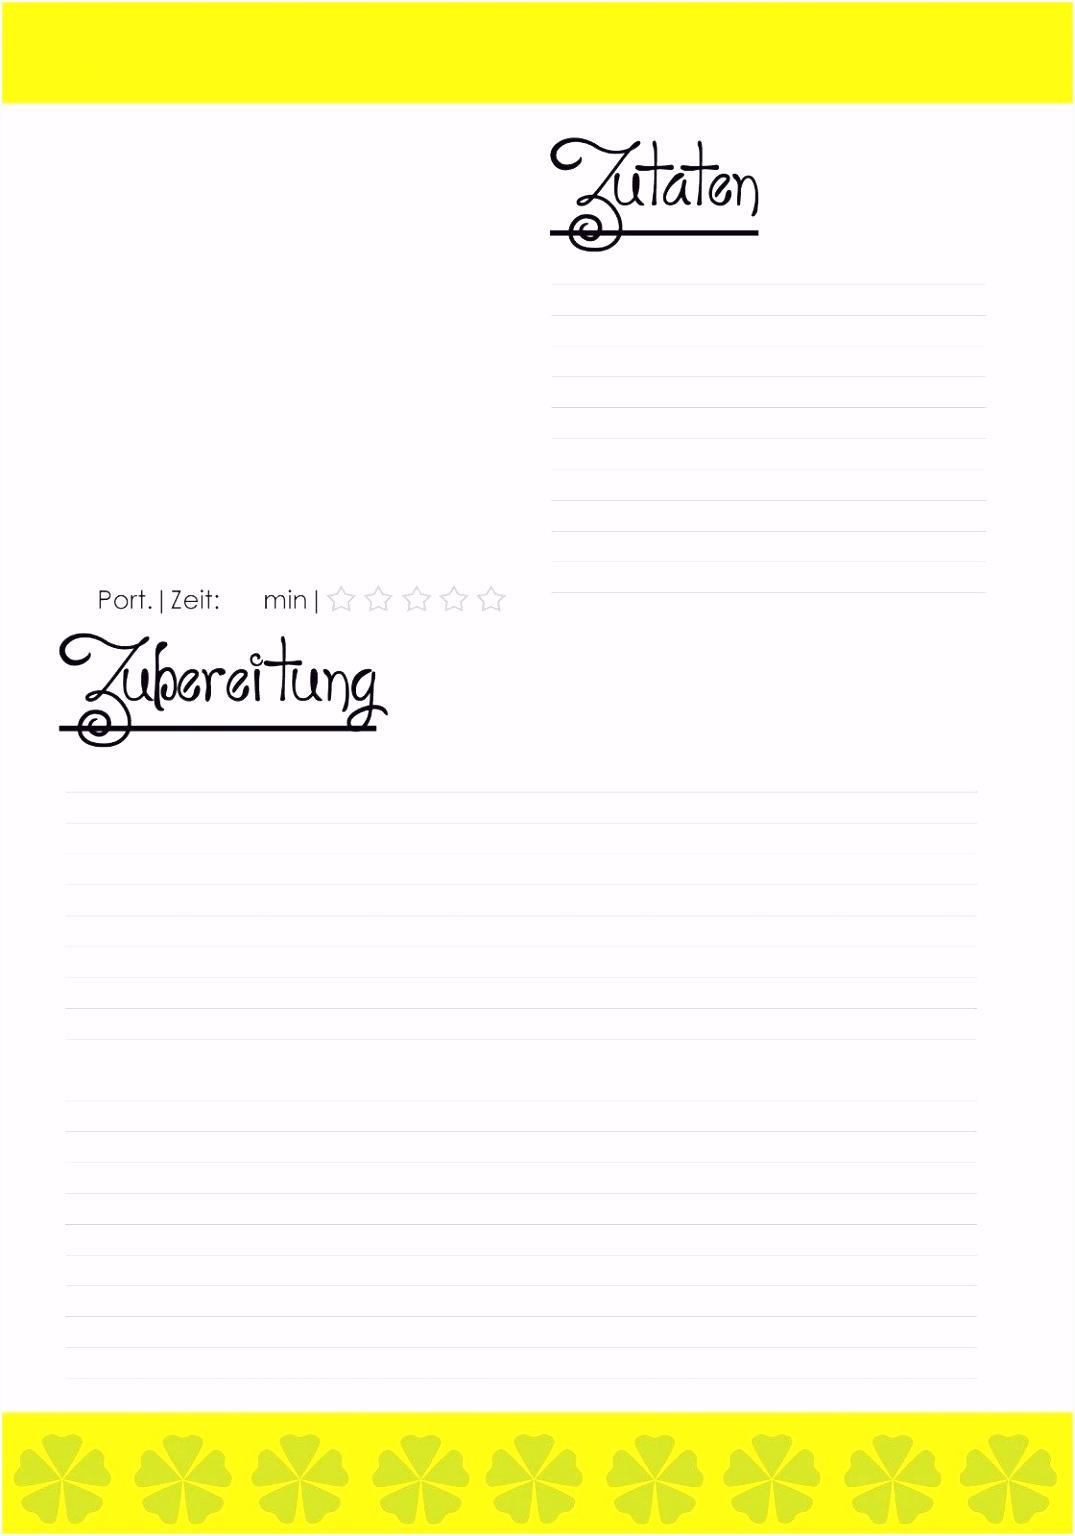 Schön Vorlage Rezeptbuch